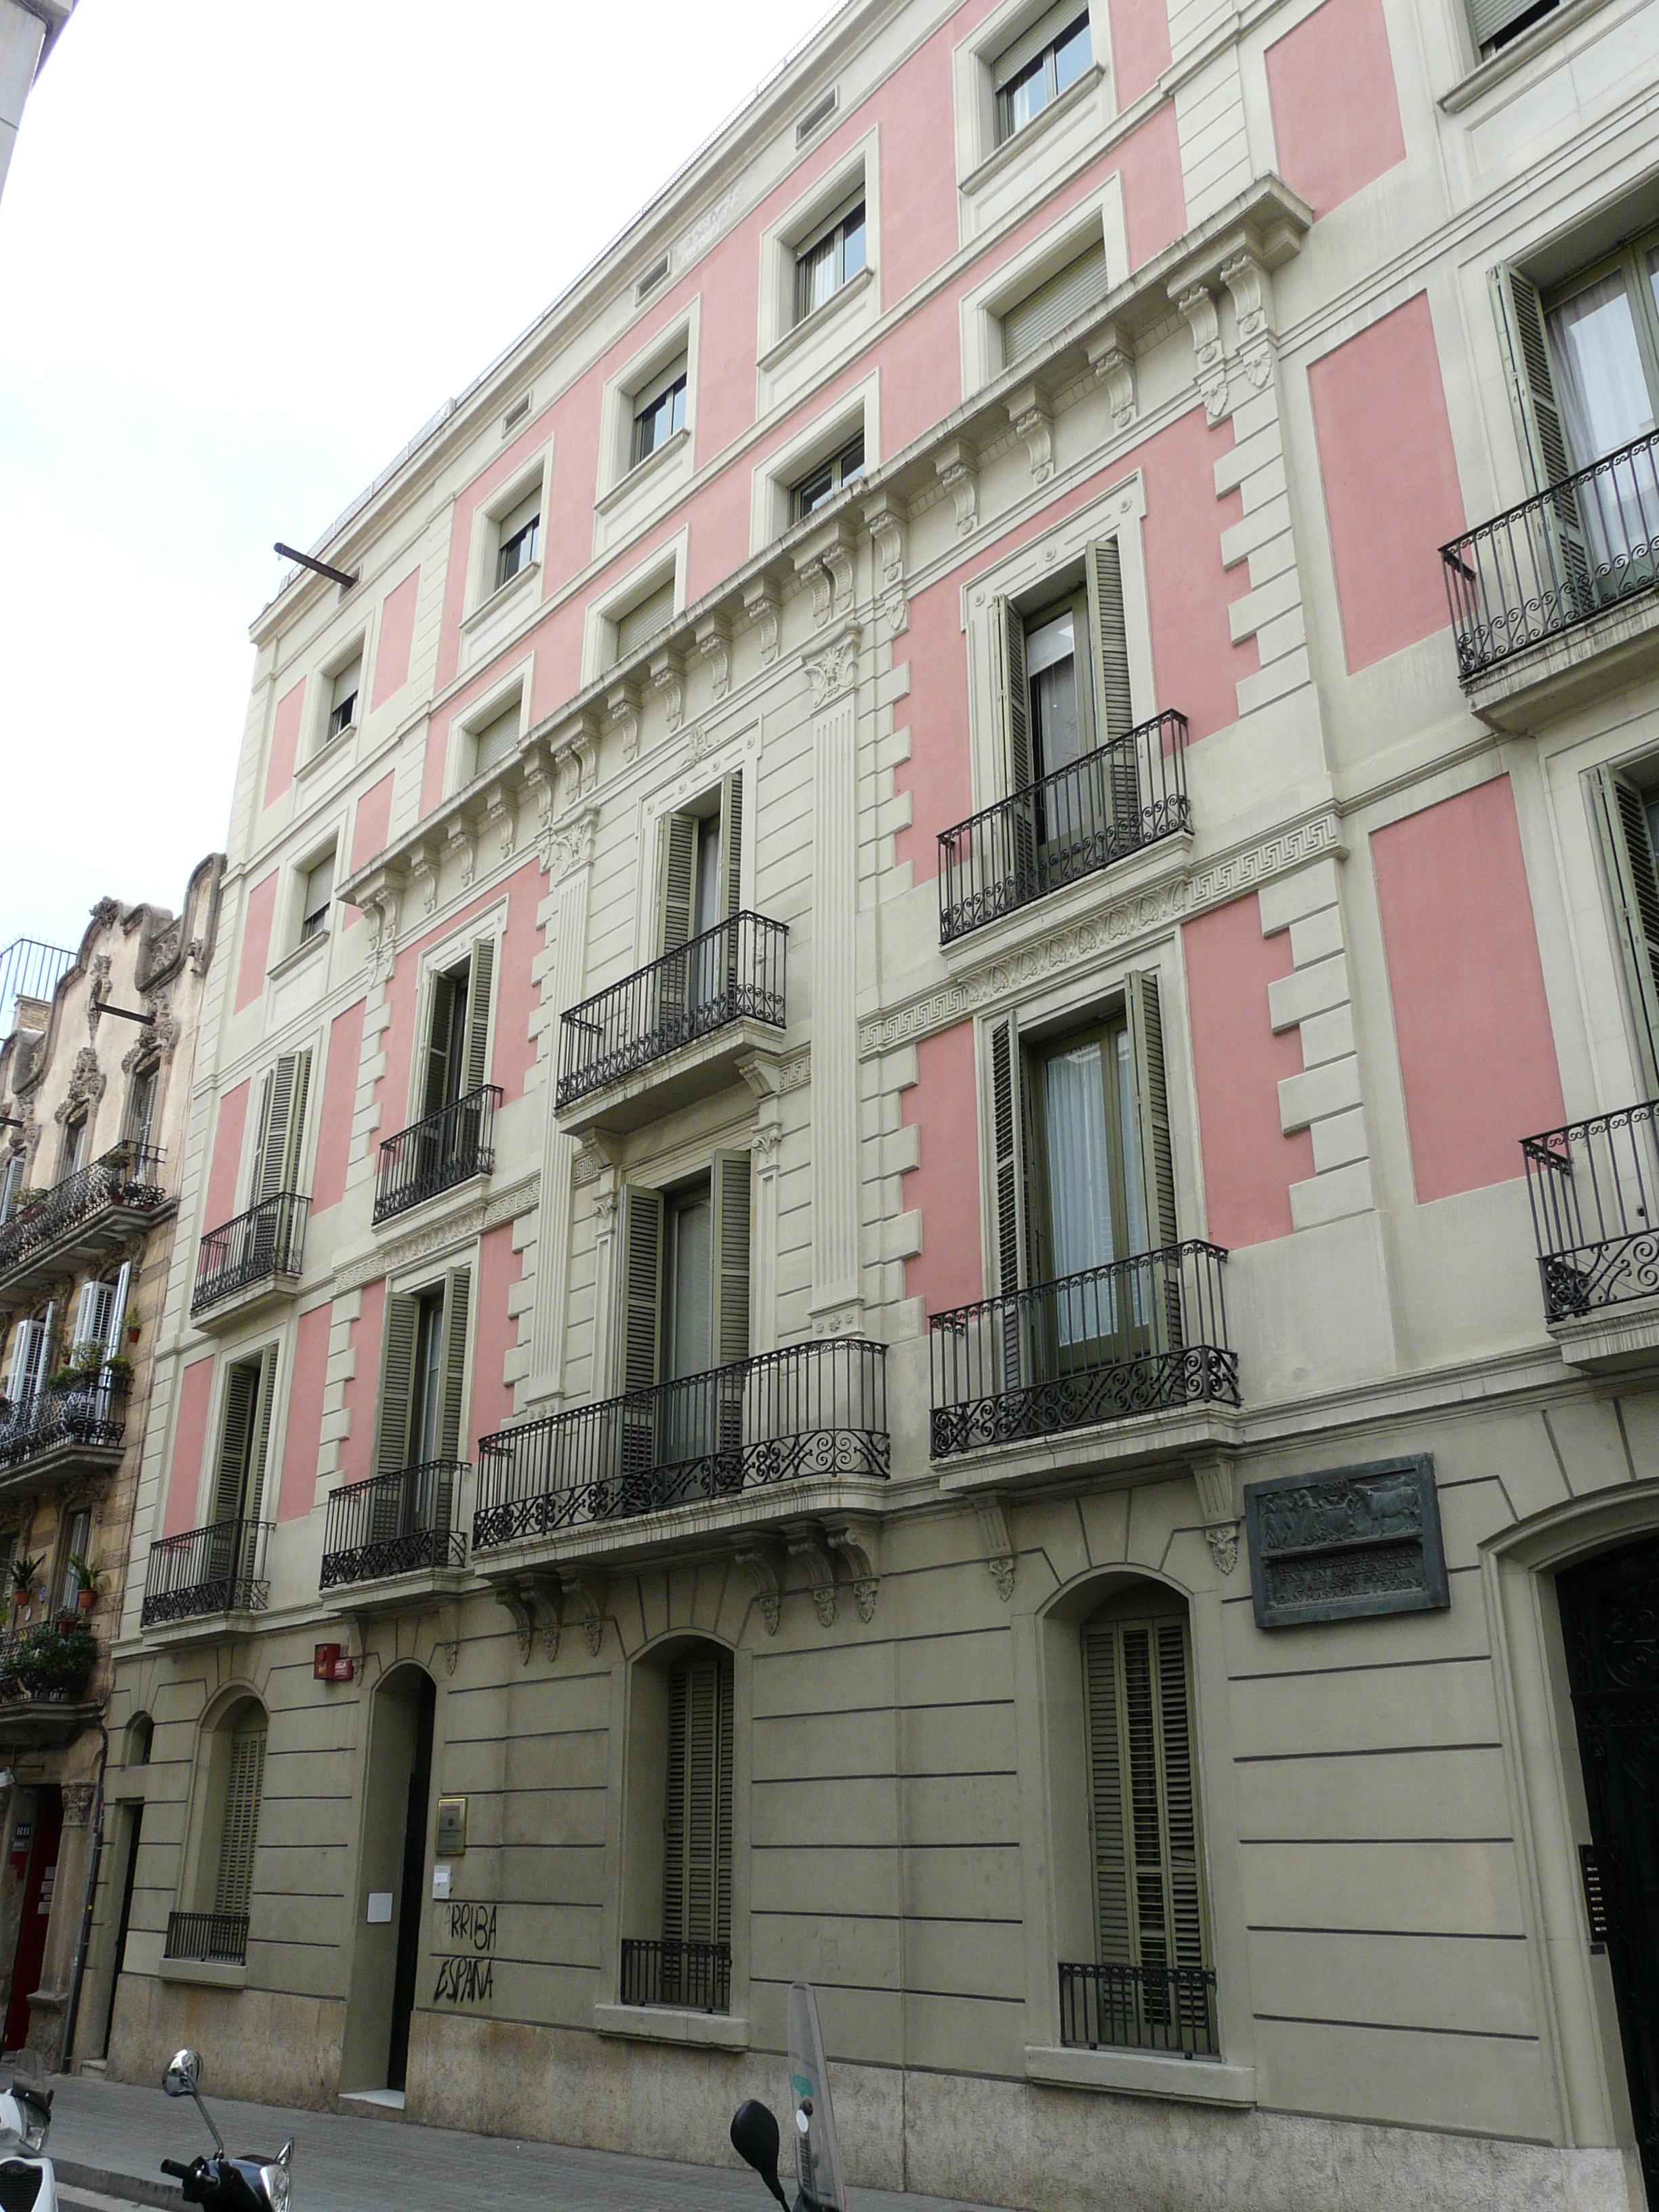 Casa del autor donde falleció. Actualmente se encuentra el Archivo Maragall.